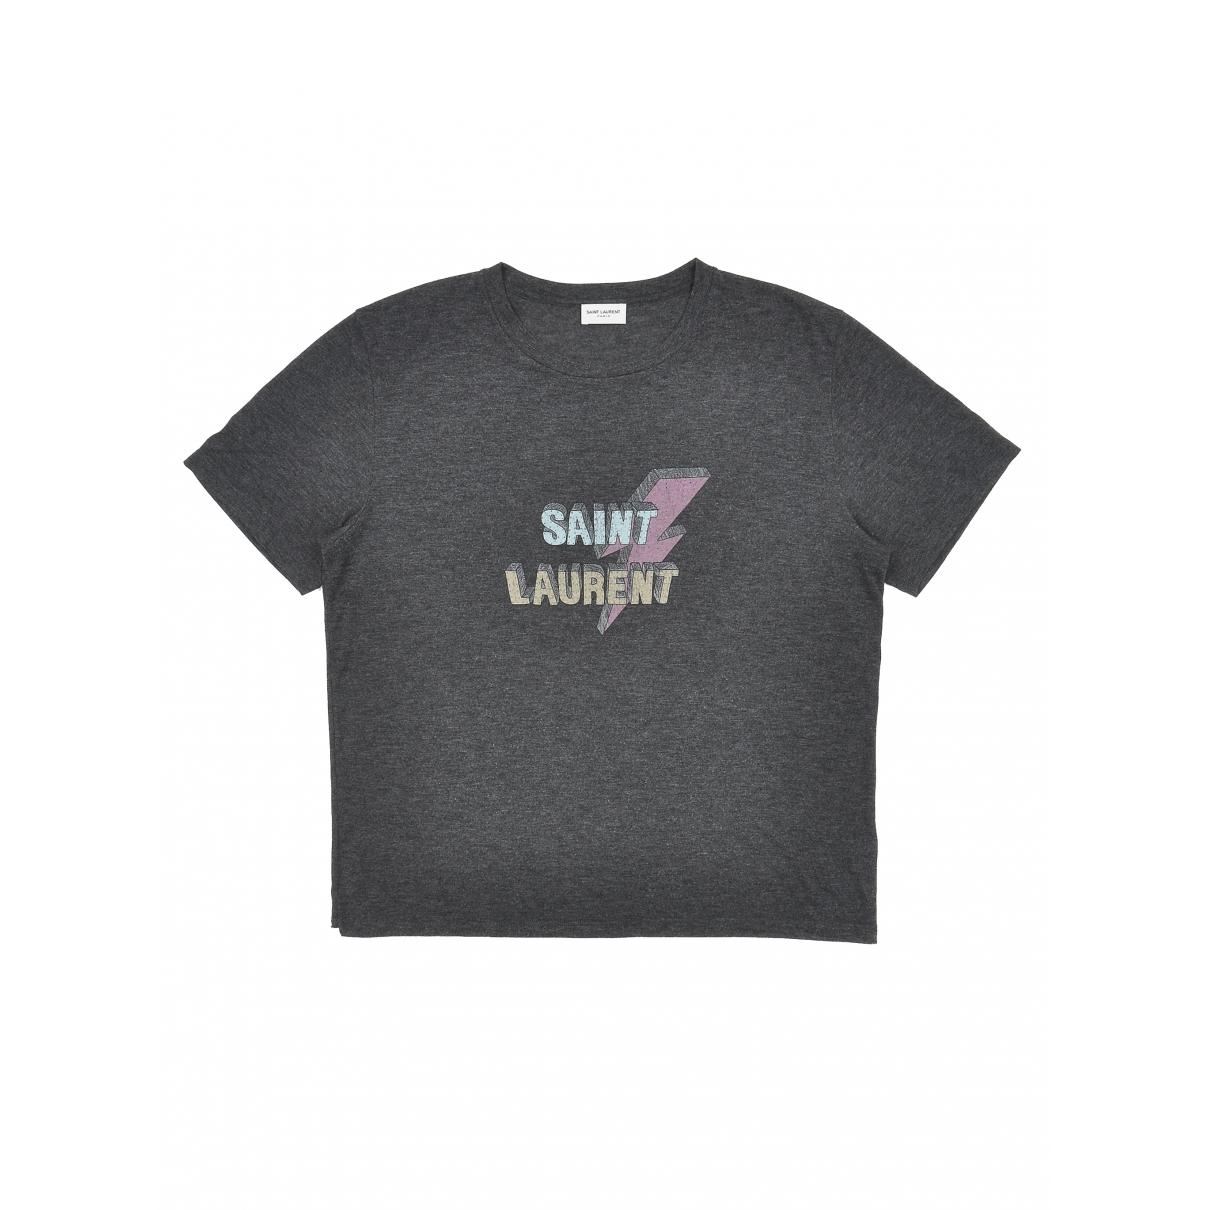 Saint Laurent - Top   pour femme - gris